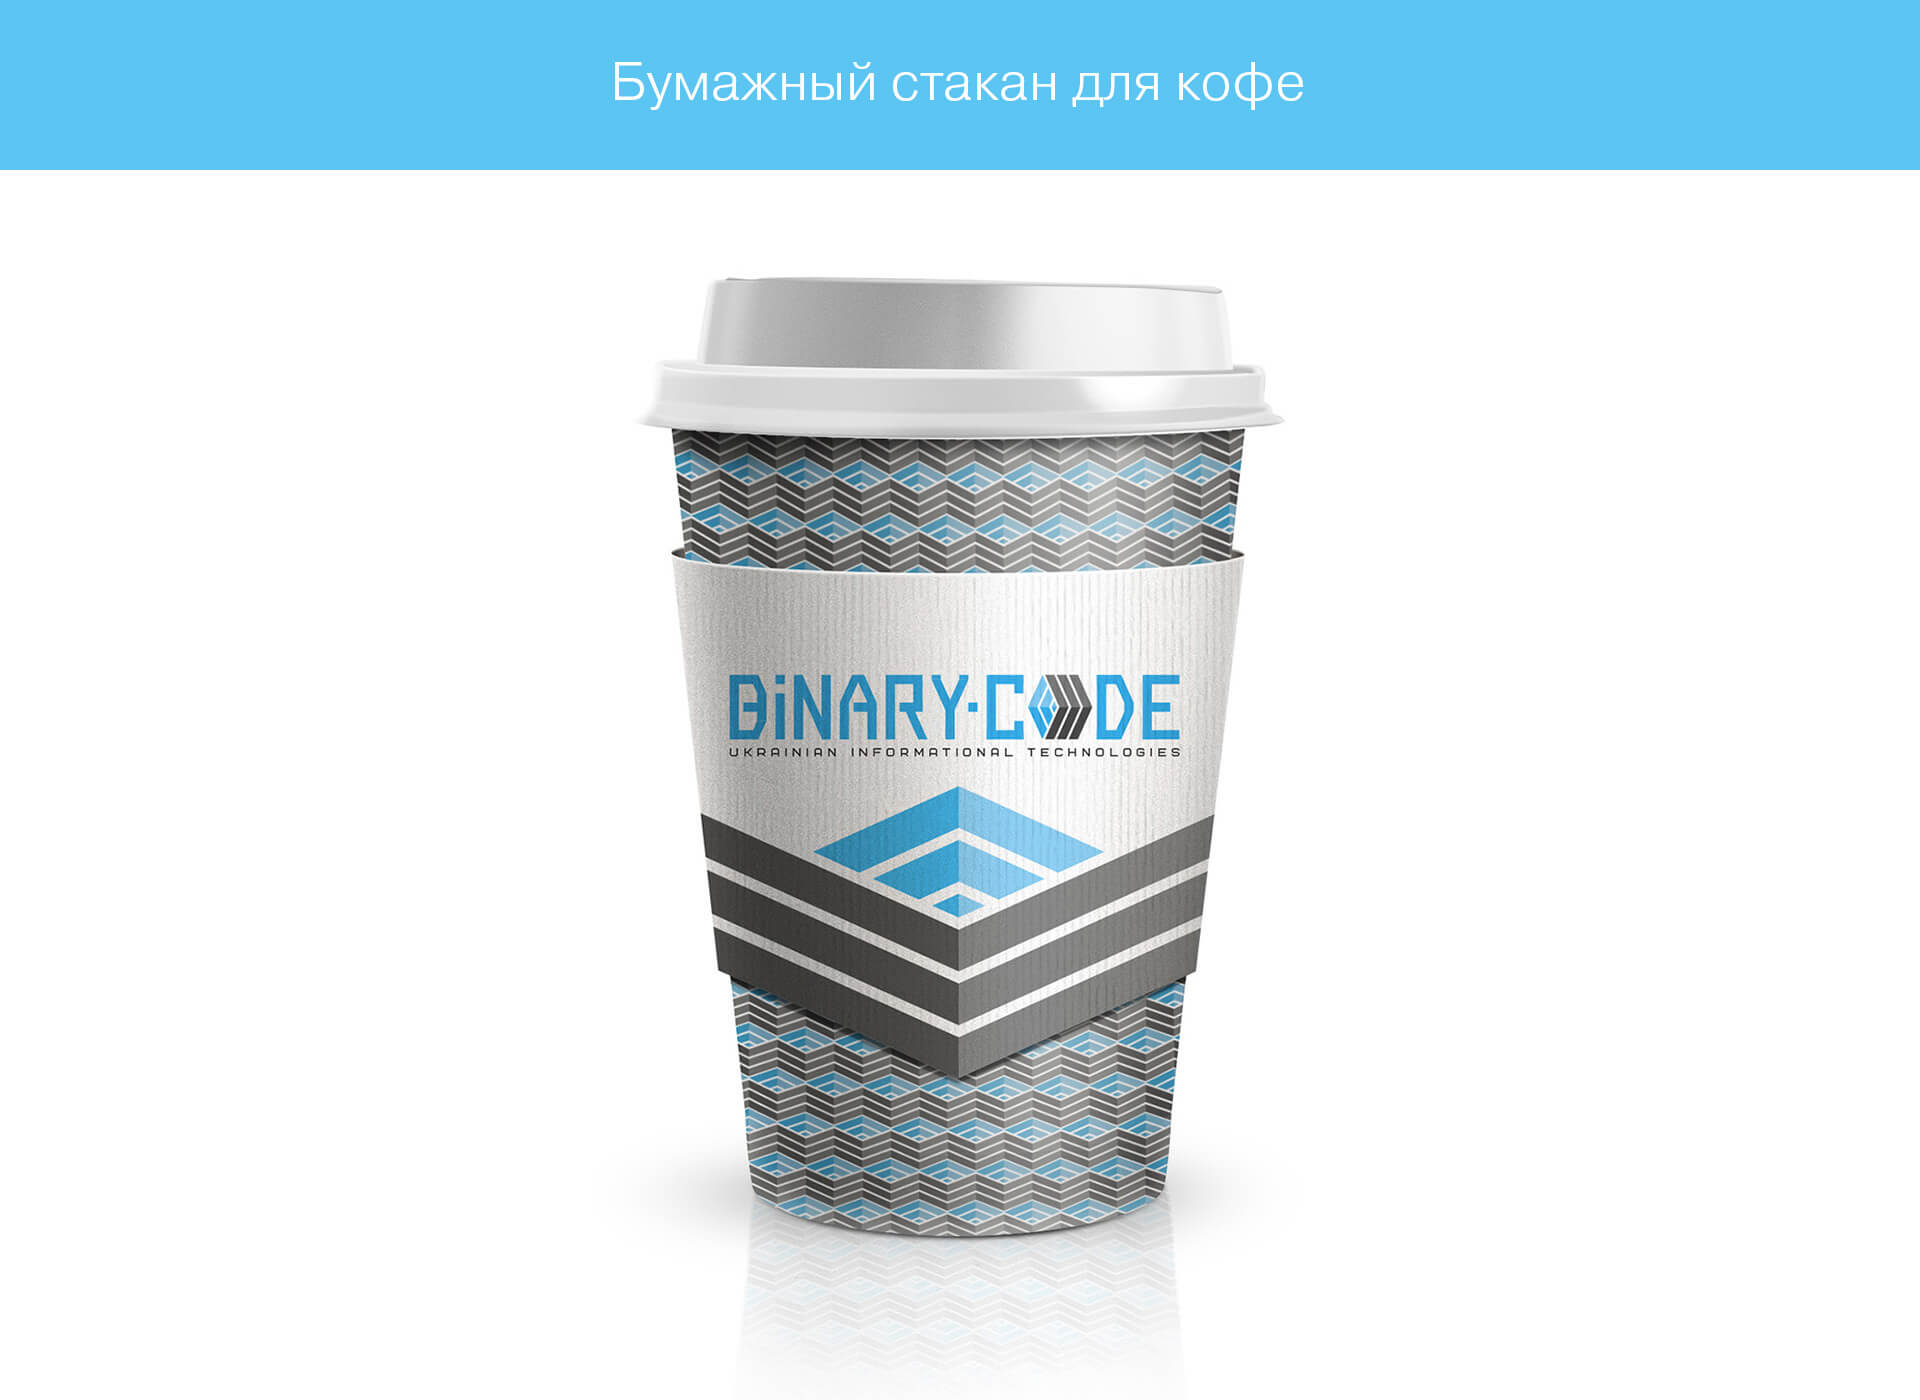 prokochuk_irina_binary-code_8_